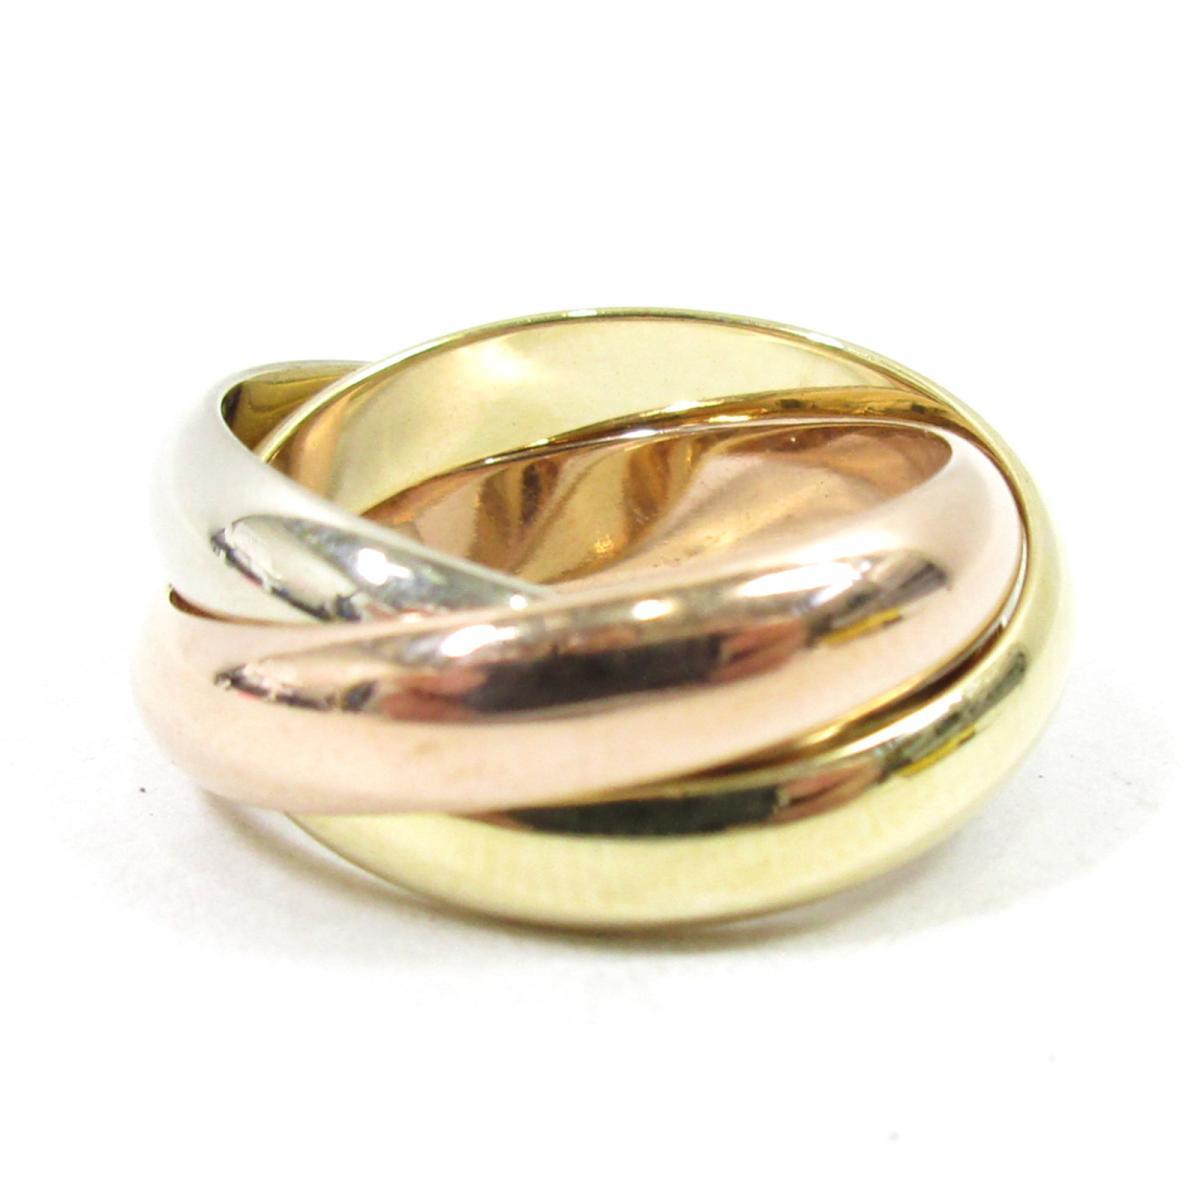 【中古】 カルティエ トリニティリング 指輪 レディース K18YG (750) イエローゴールド x K18WG (750)ホワイトゴールド K18PG (750)ピンクゴールド スリーゴールド | Cartier BRANDOFF ブランドオフ ブランド ジュエリー リング